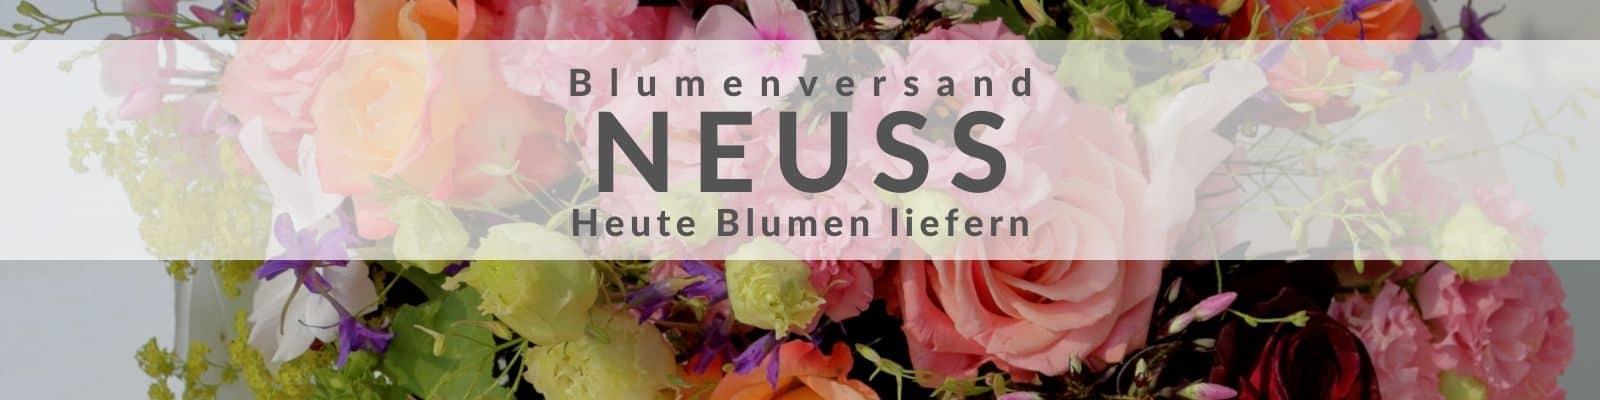 Blumen verschicken Neuss - Blumenversand